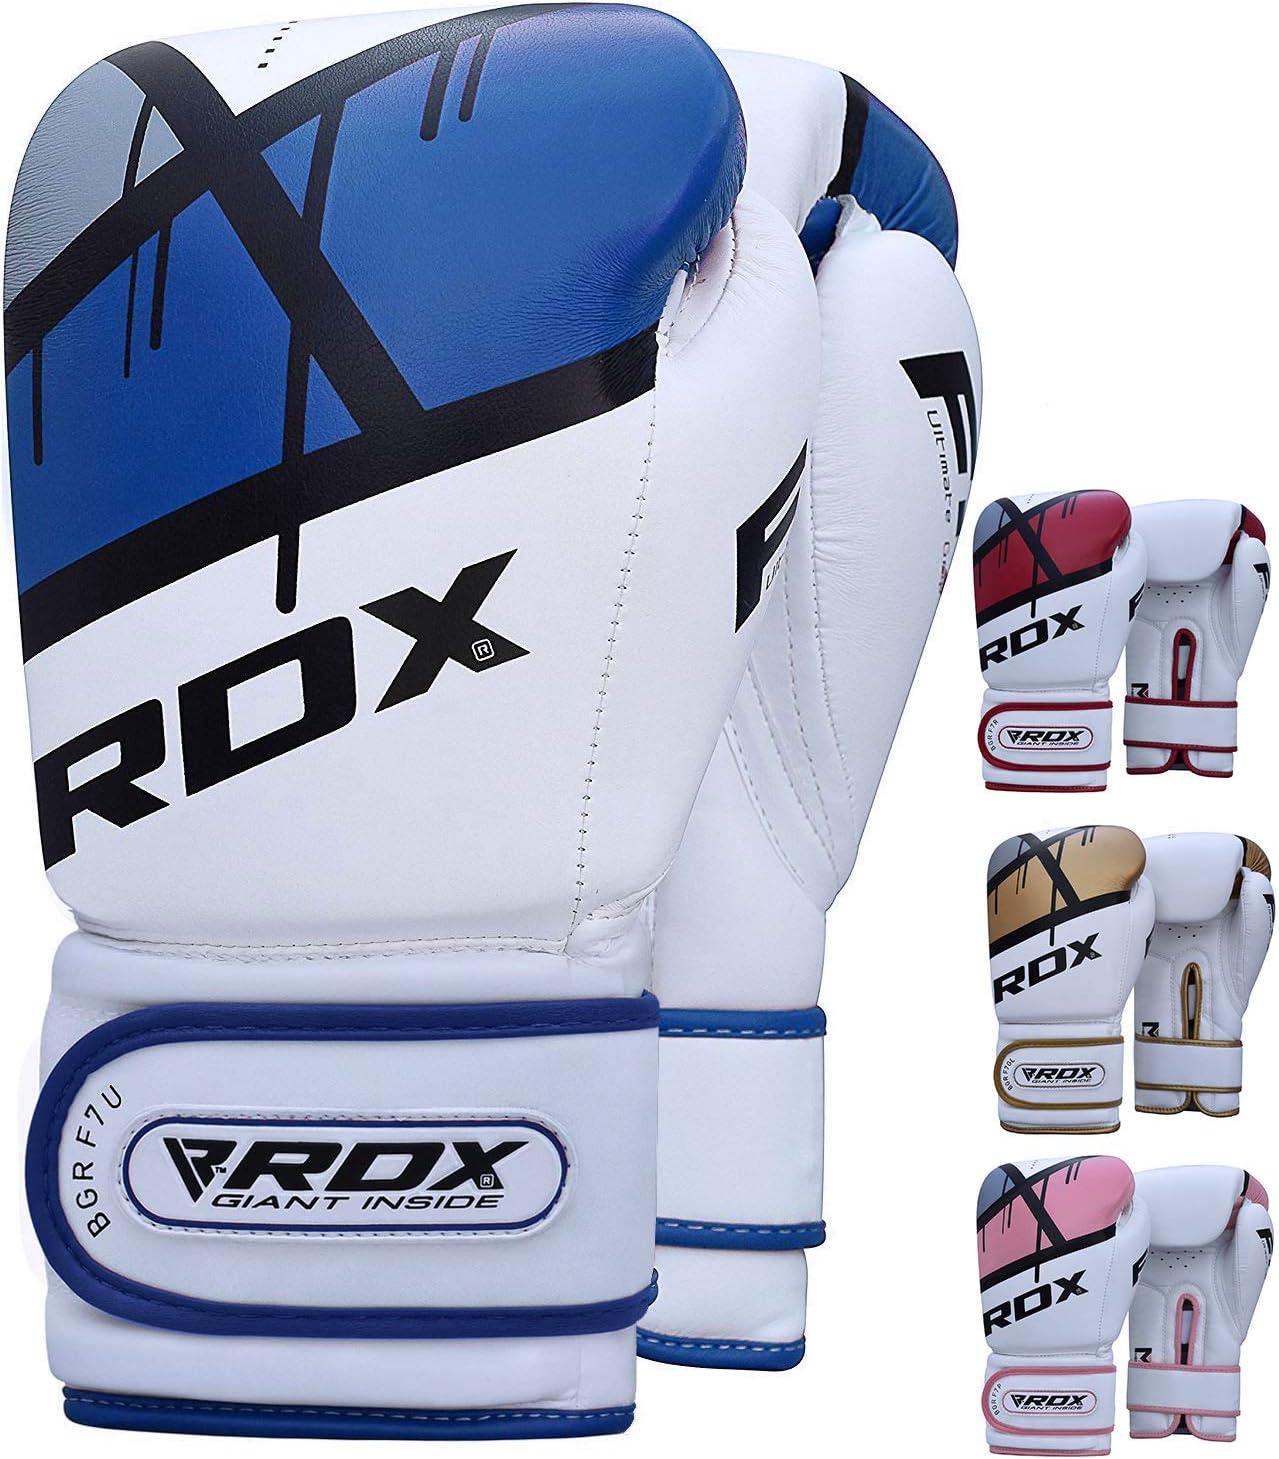 RDX Guantes de Boxeo para Entrenamiento y Muay Thai | Maya Hide Cuero Mitones para Kick Boxing, Sparring | Boxing Gloves para Combate Training, Saco Boxeo: Amazon.es: Deportes y aire libre